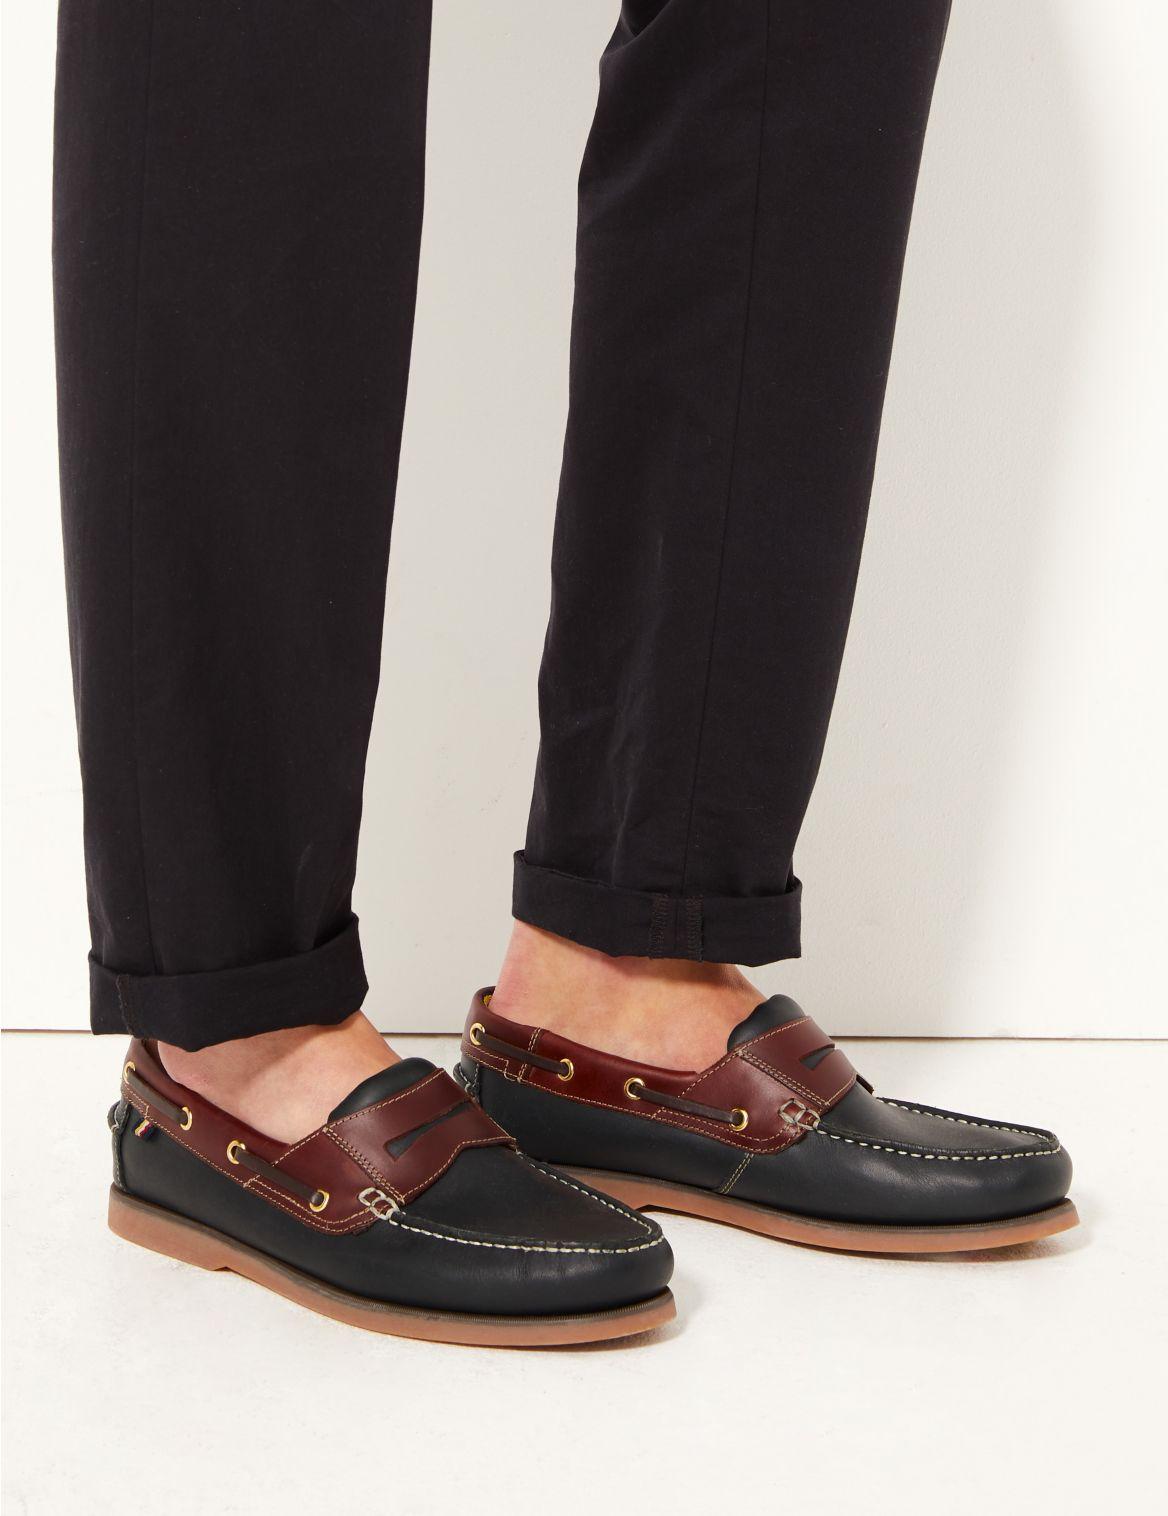 Chaussures bateau en cuir sans lacets. Chaussures bateau en cuir sans lacets